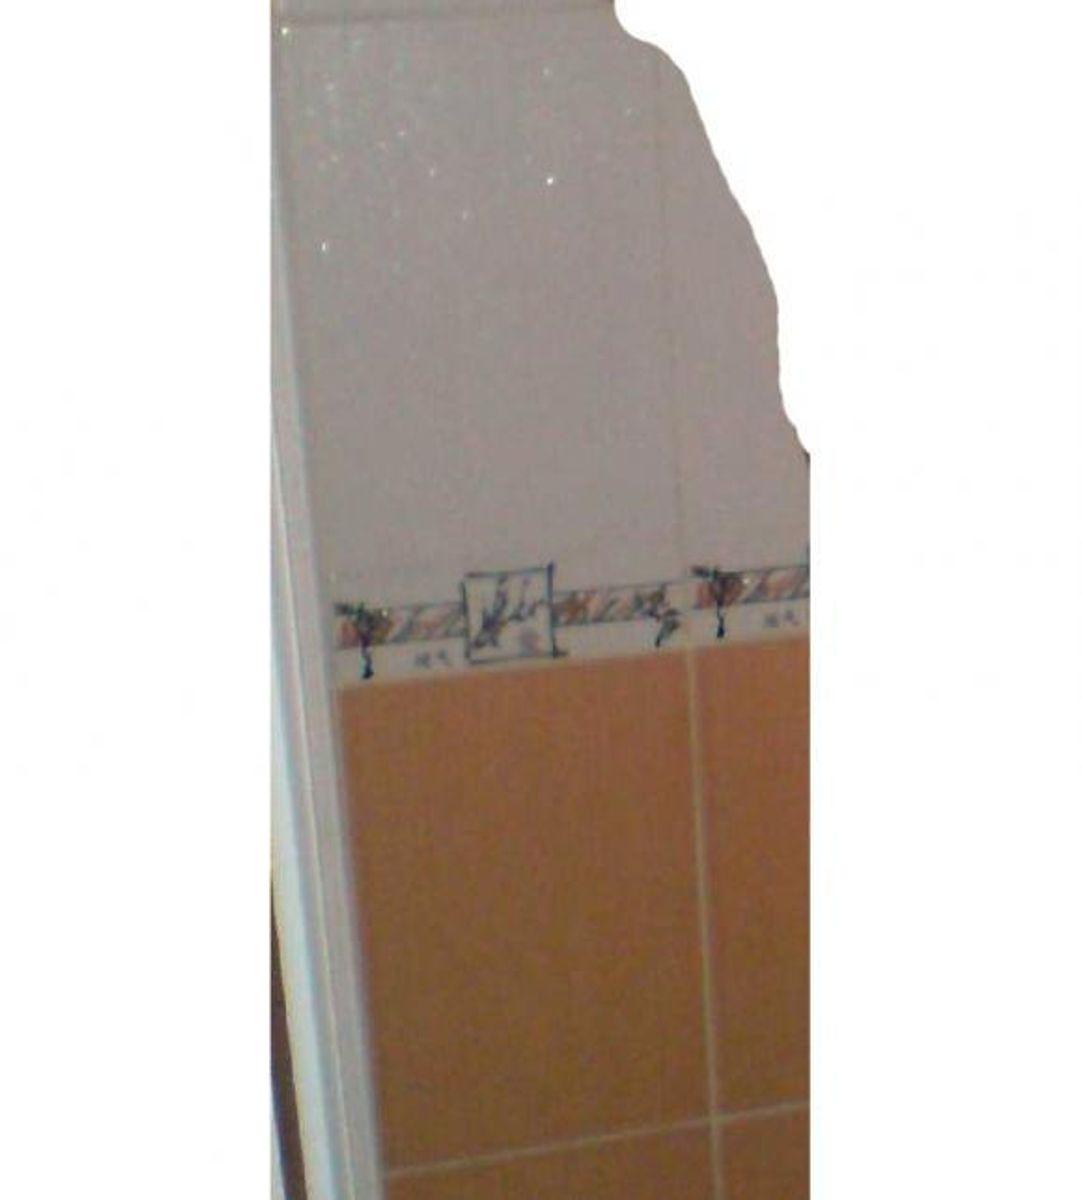 Fliser fra badeværelse. Foto: Europol.